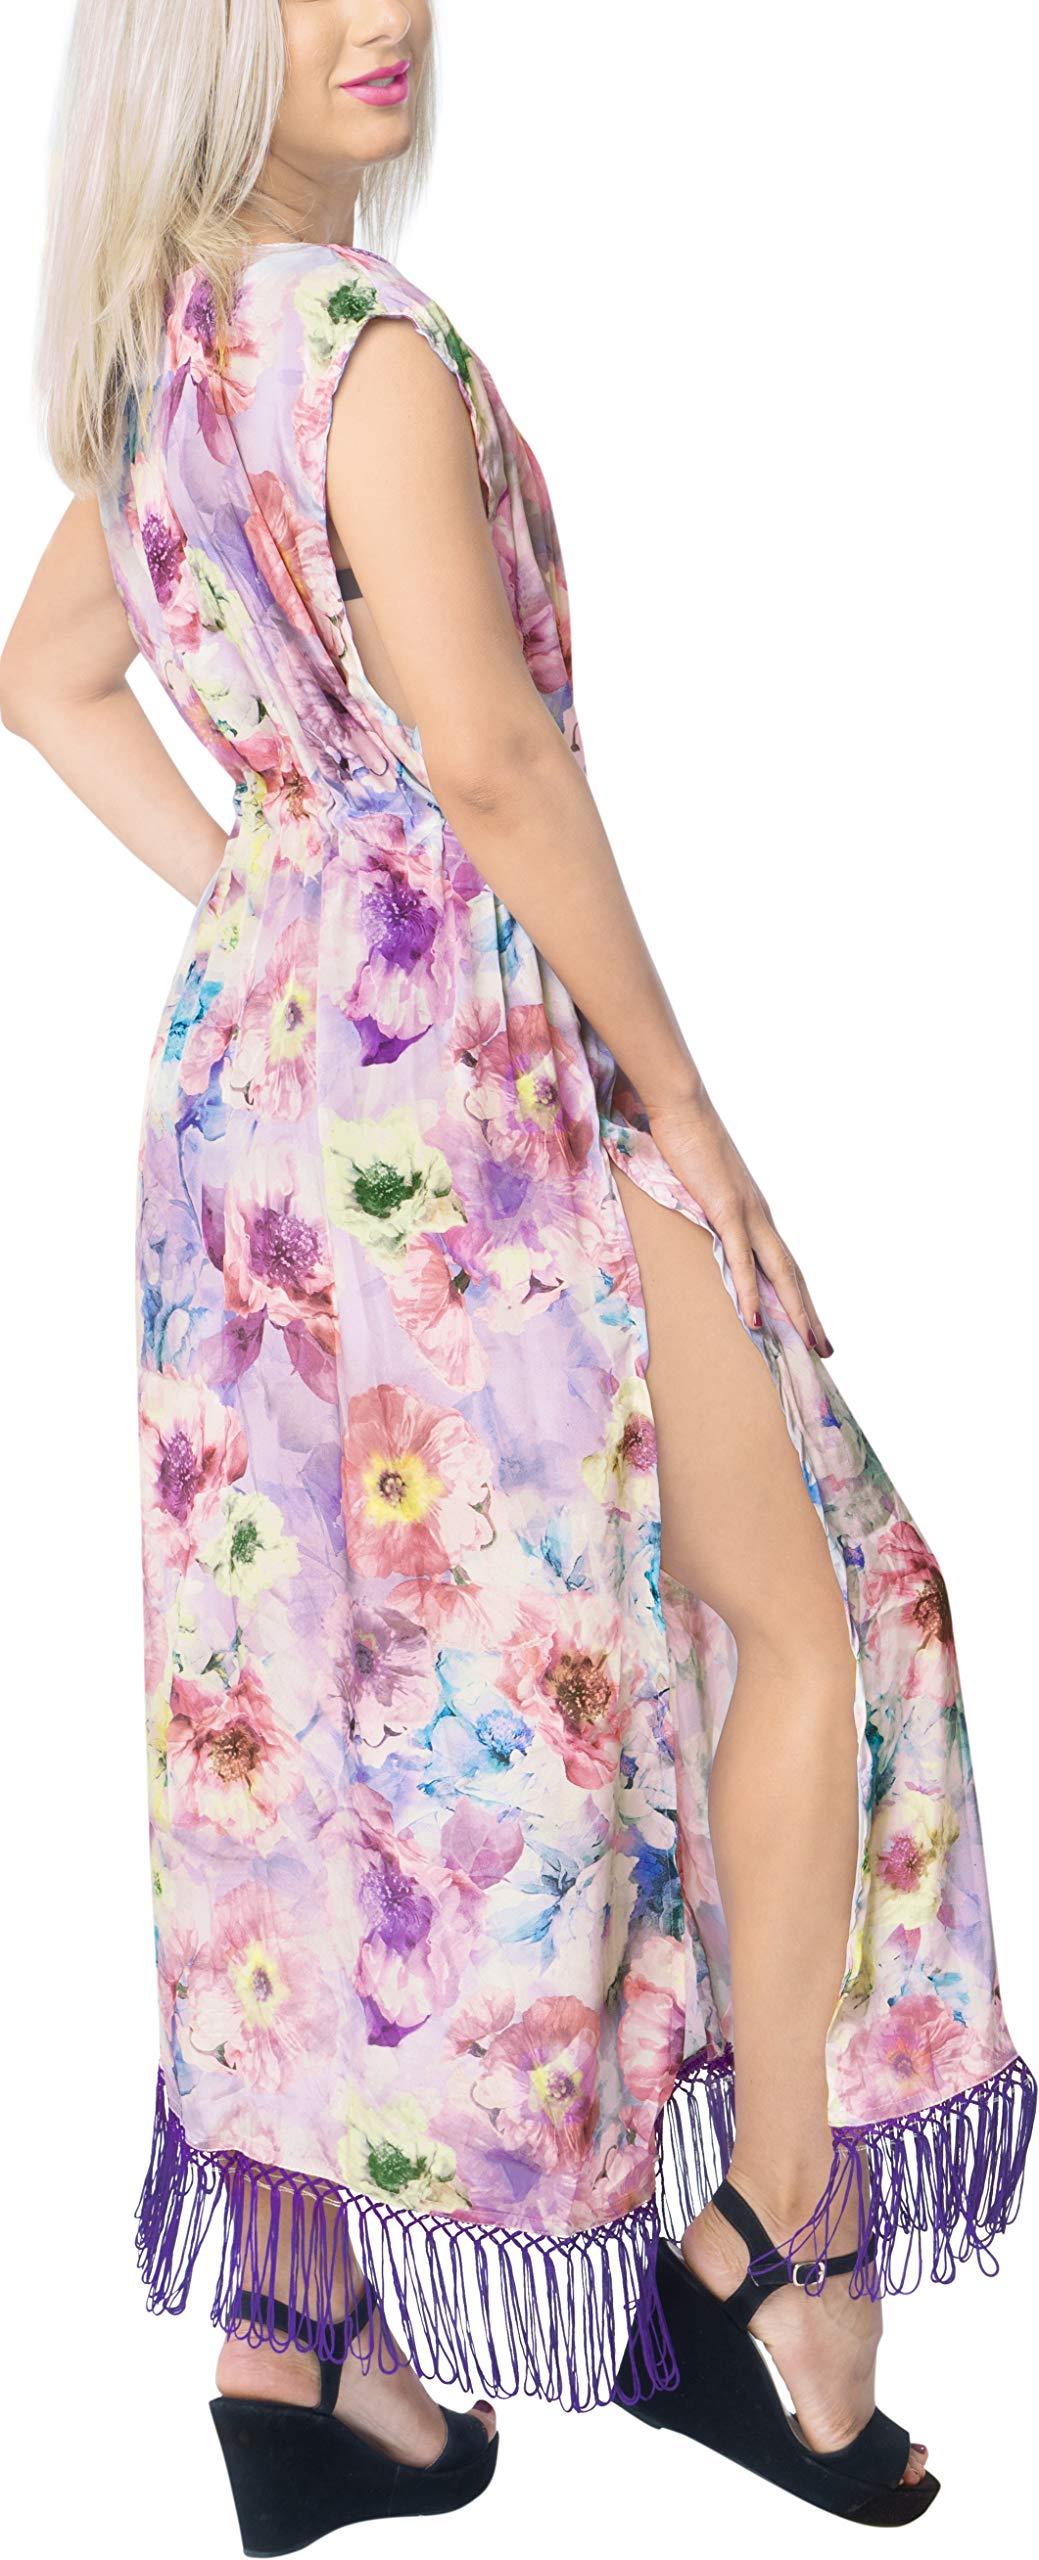 LA LEELA Seta Kimono Cardigan Lungo Donna Estivo Pizzo Boho Copricostume Abito da Mare Spiaggia per Costumi da Bagno… 4 spesavip